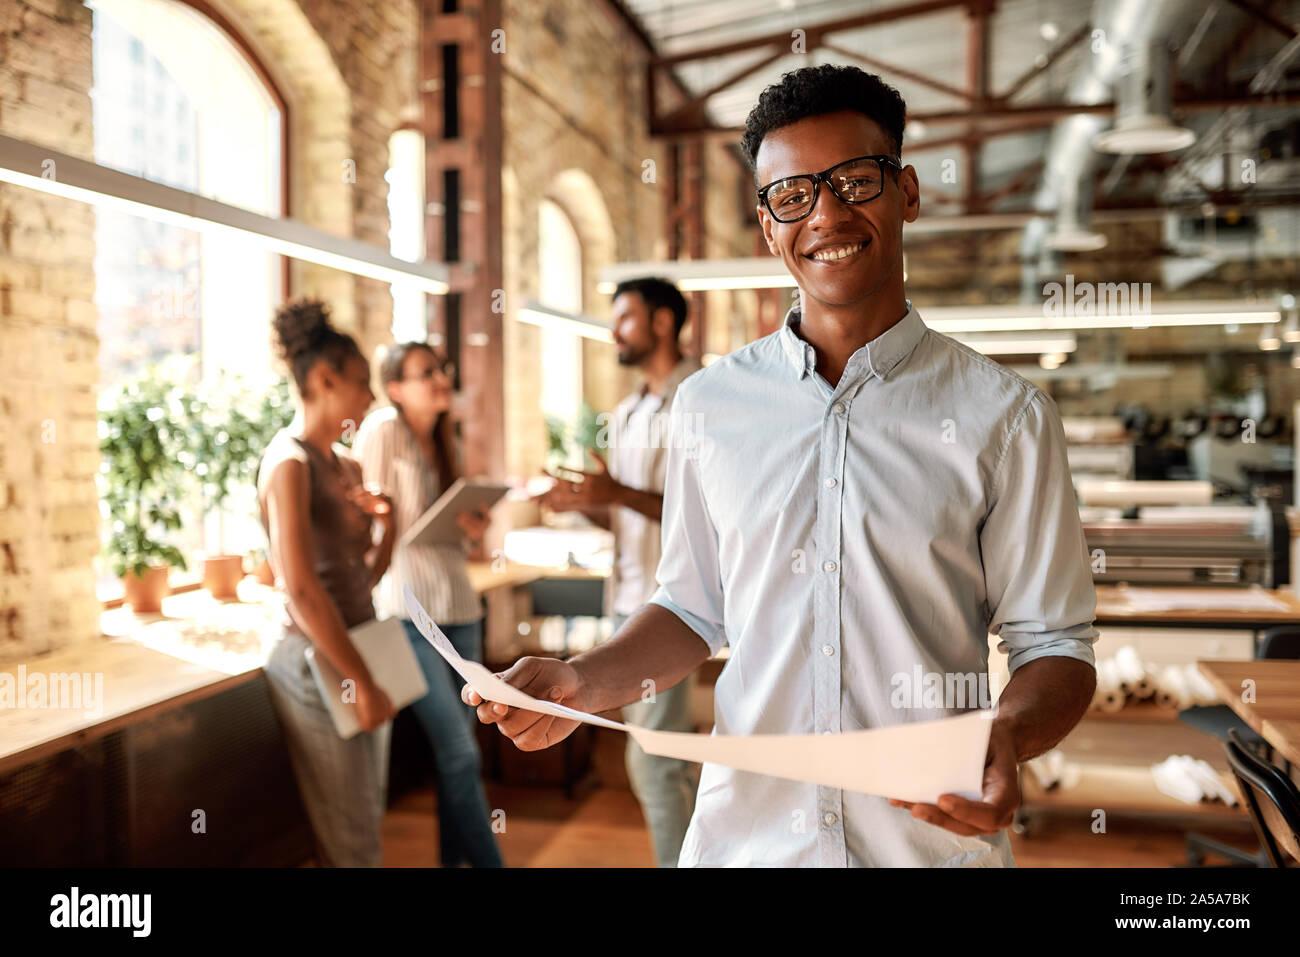 Genießen meine Arbeit. Junge afro-amerikanische Mann, Dokumente und Kamera mit Lächeln, während im modernen Büro stehend Stockfoto